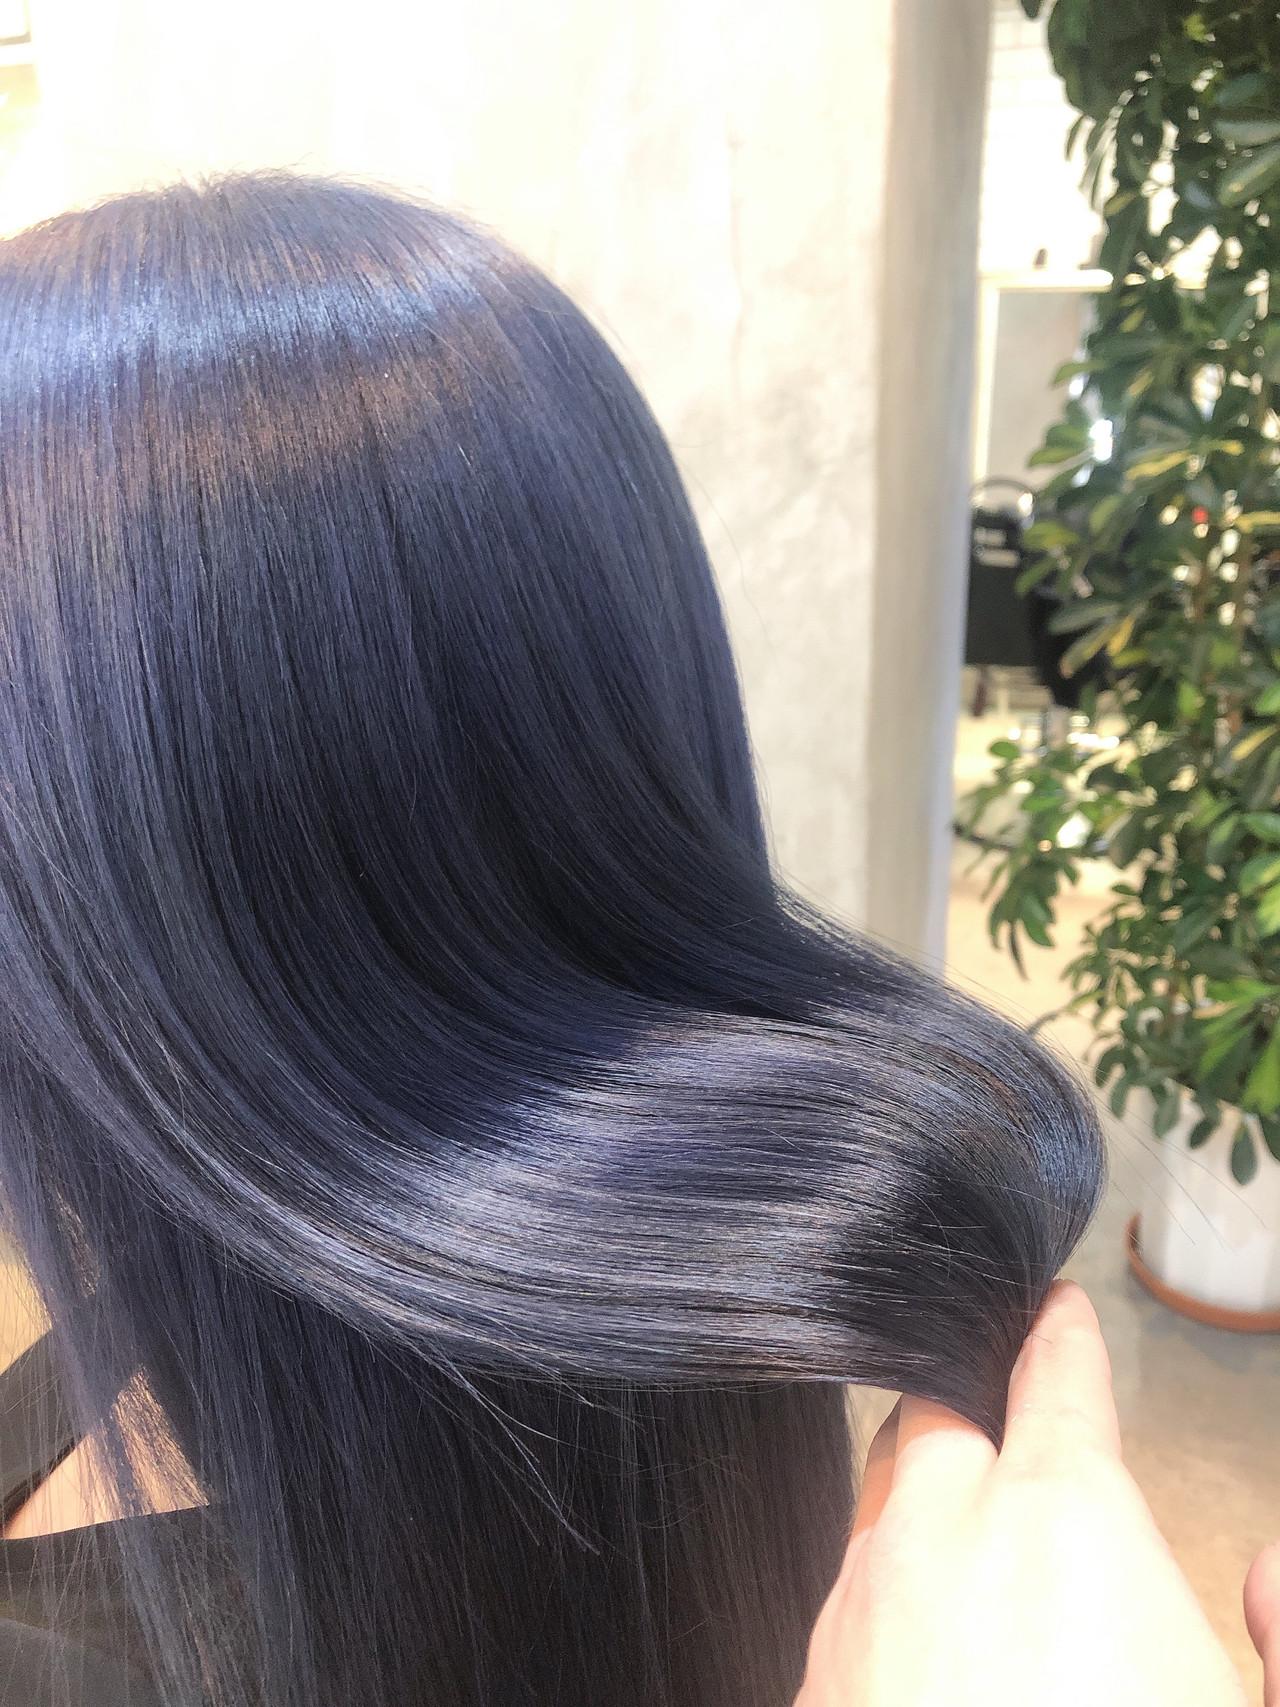 ブルーブラック モード ブルーラベンダー ブルーアッシュ ヘアスタイルや髪型の写真・画像